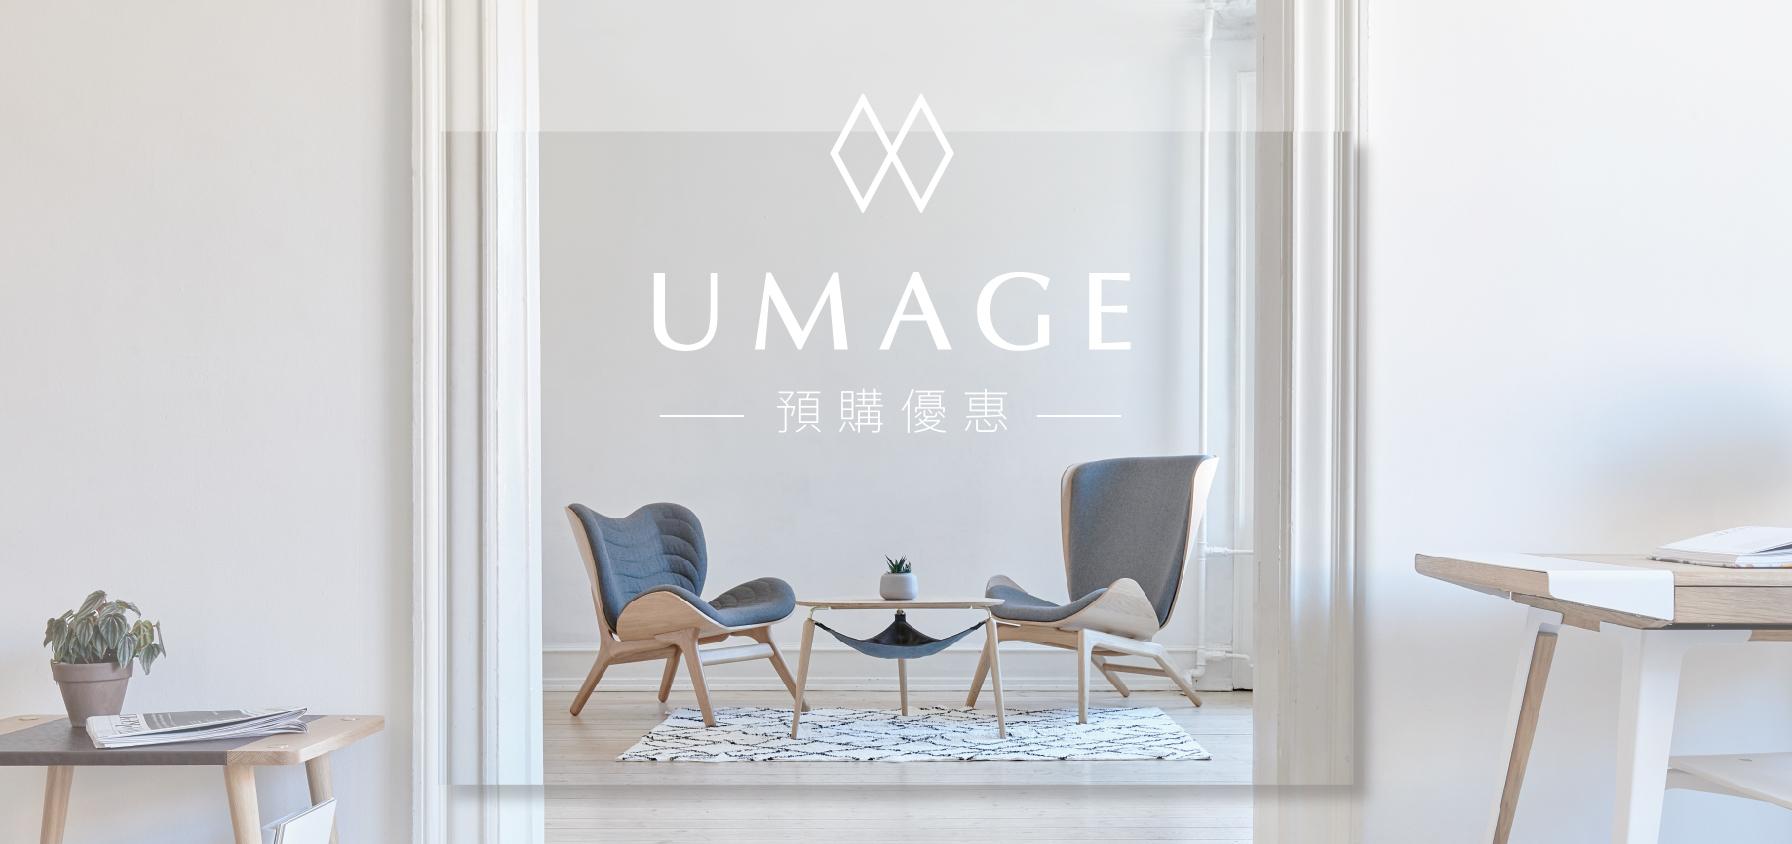 UMAGE預購優惠